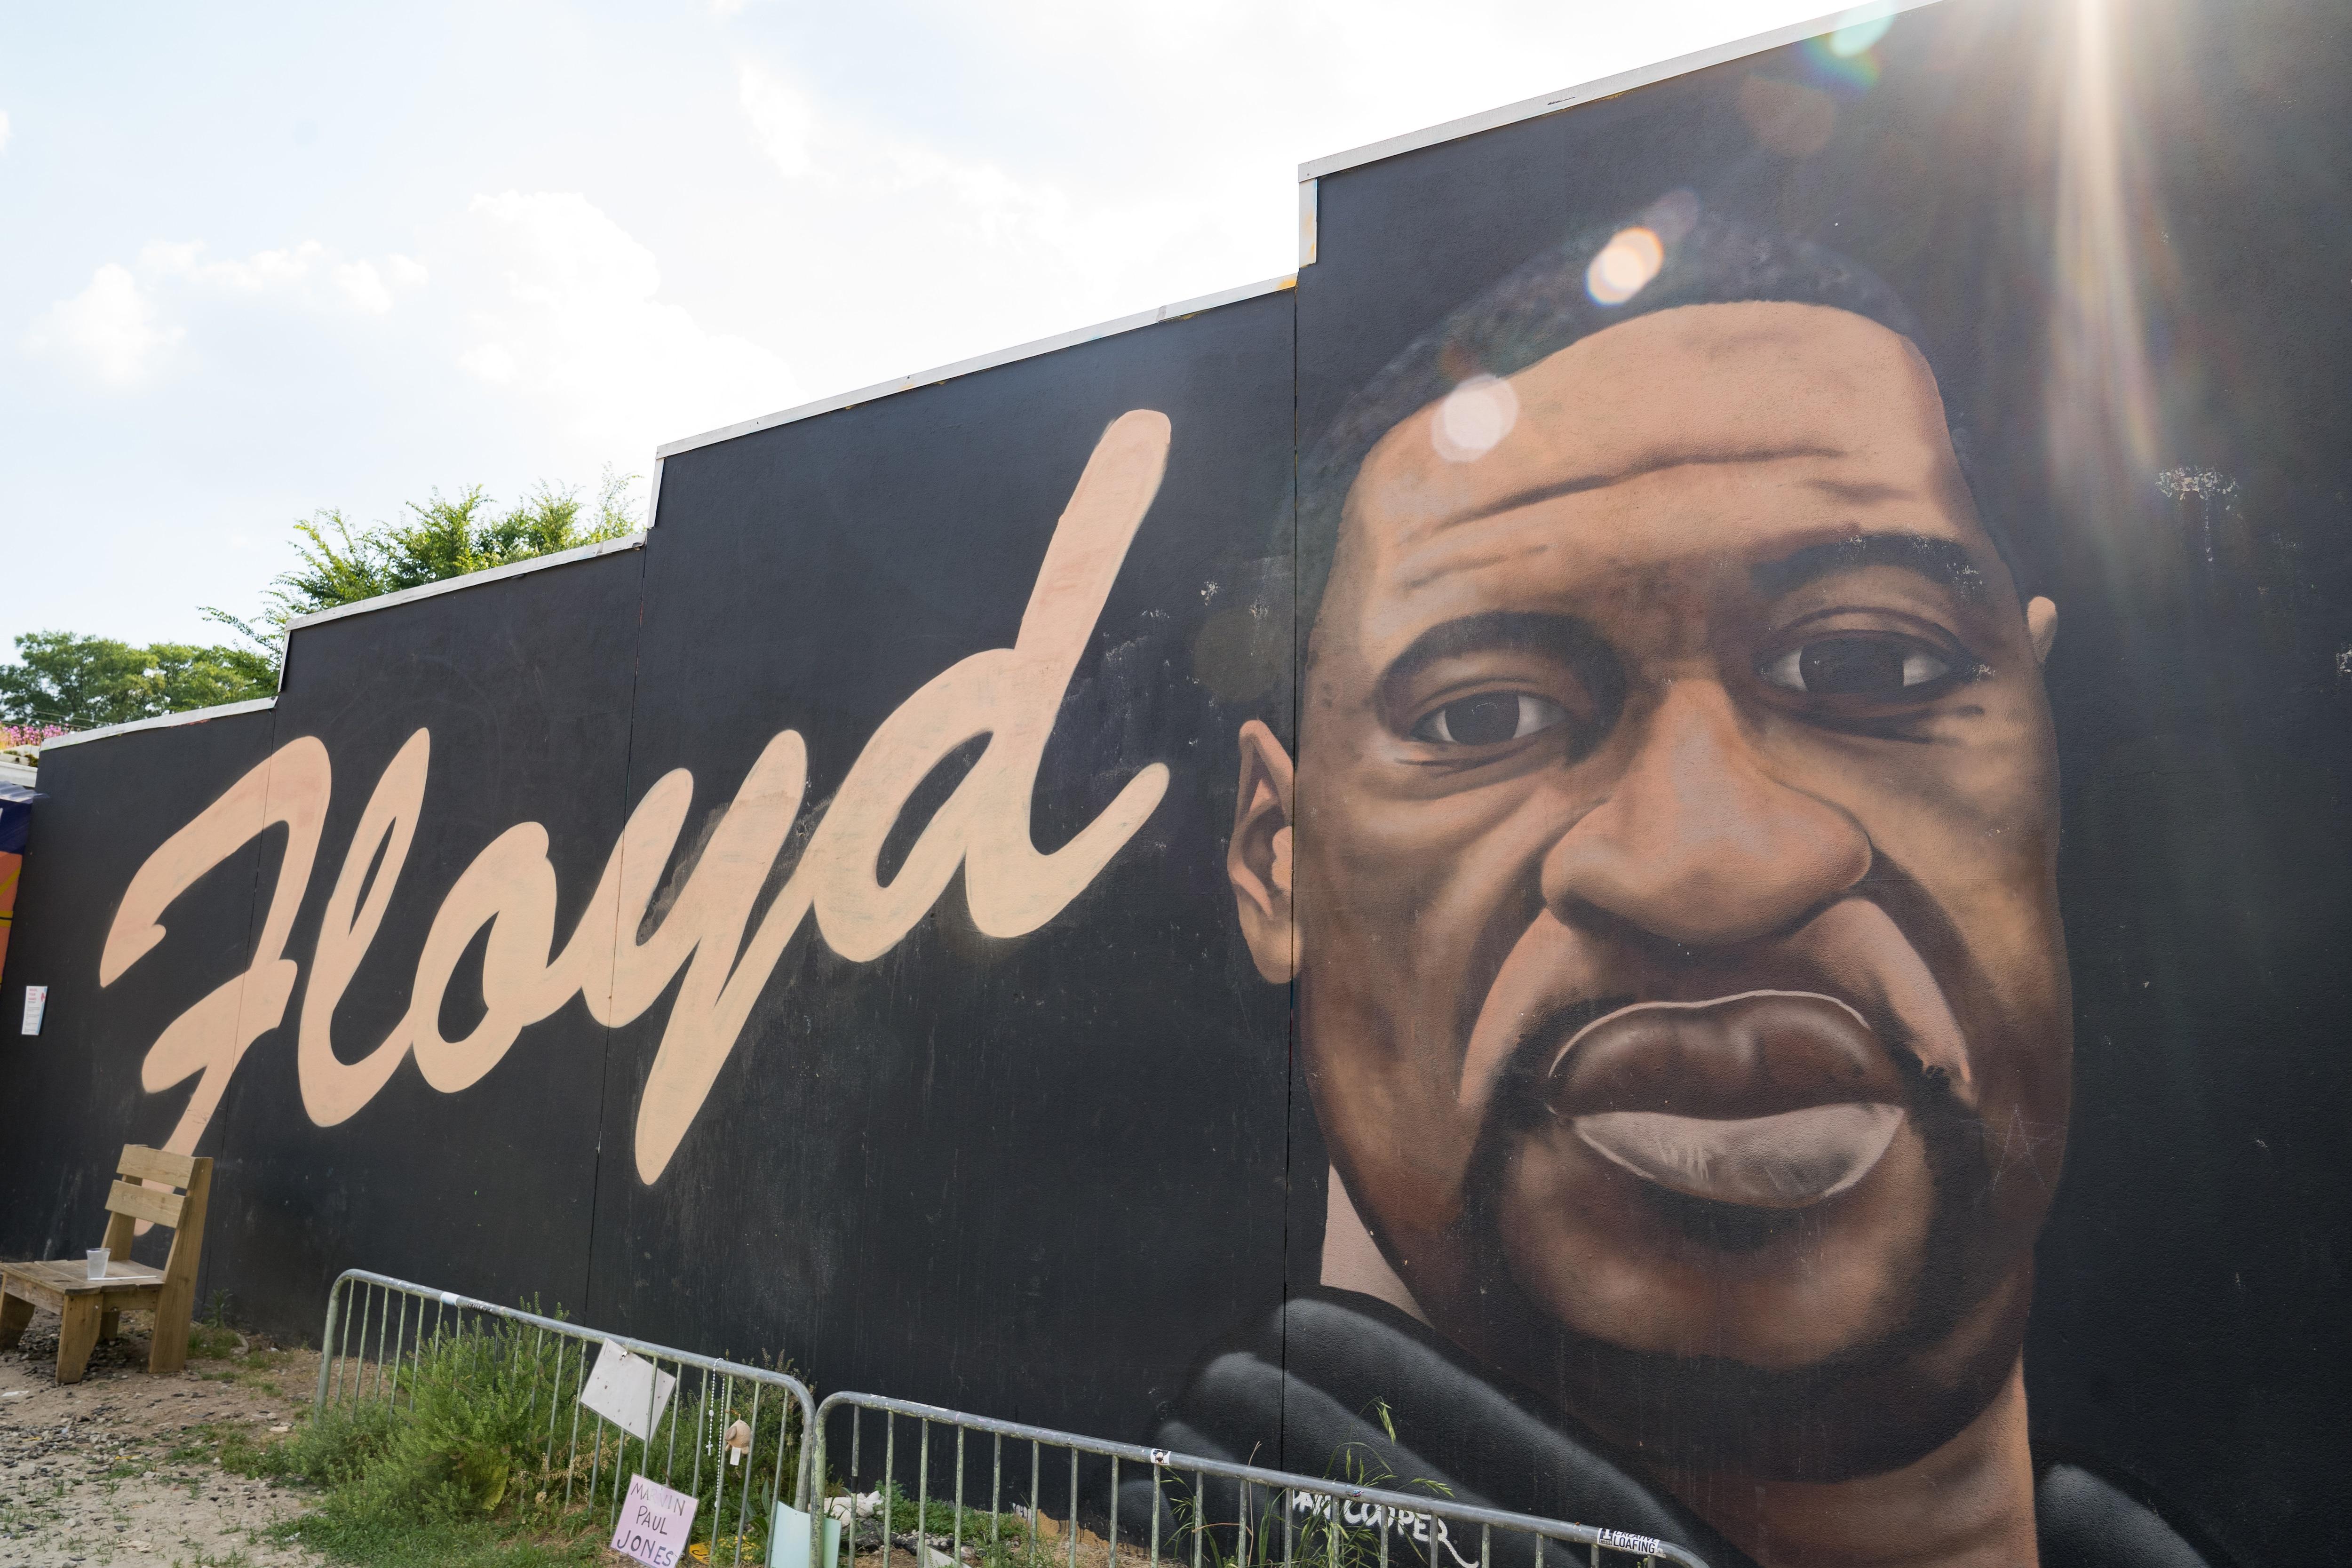 ジョージフロイドの壁画は、ジョージア州アトランタで2021年5月25日に彼の死の記念日に示されています。